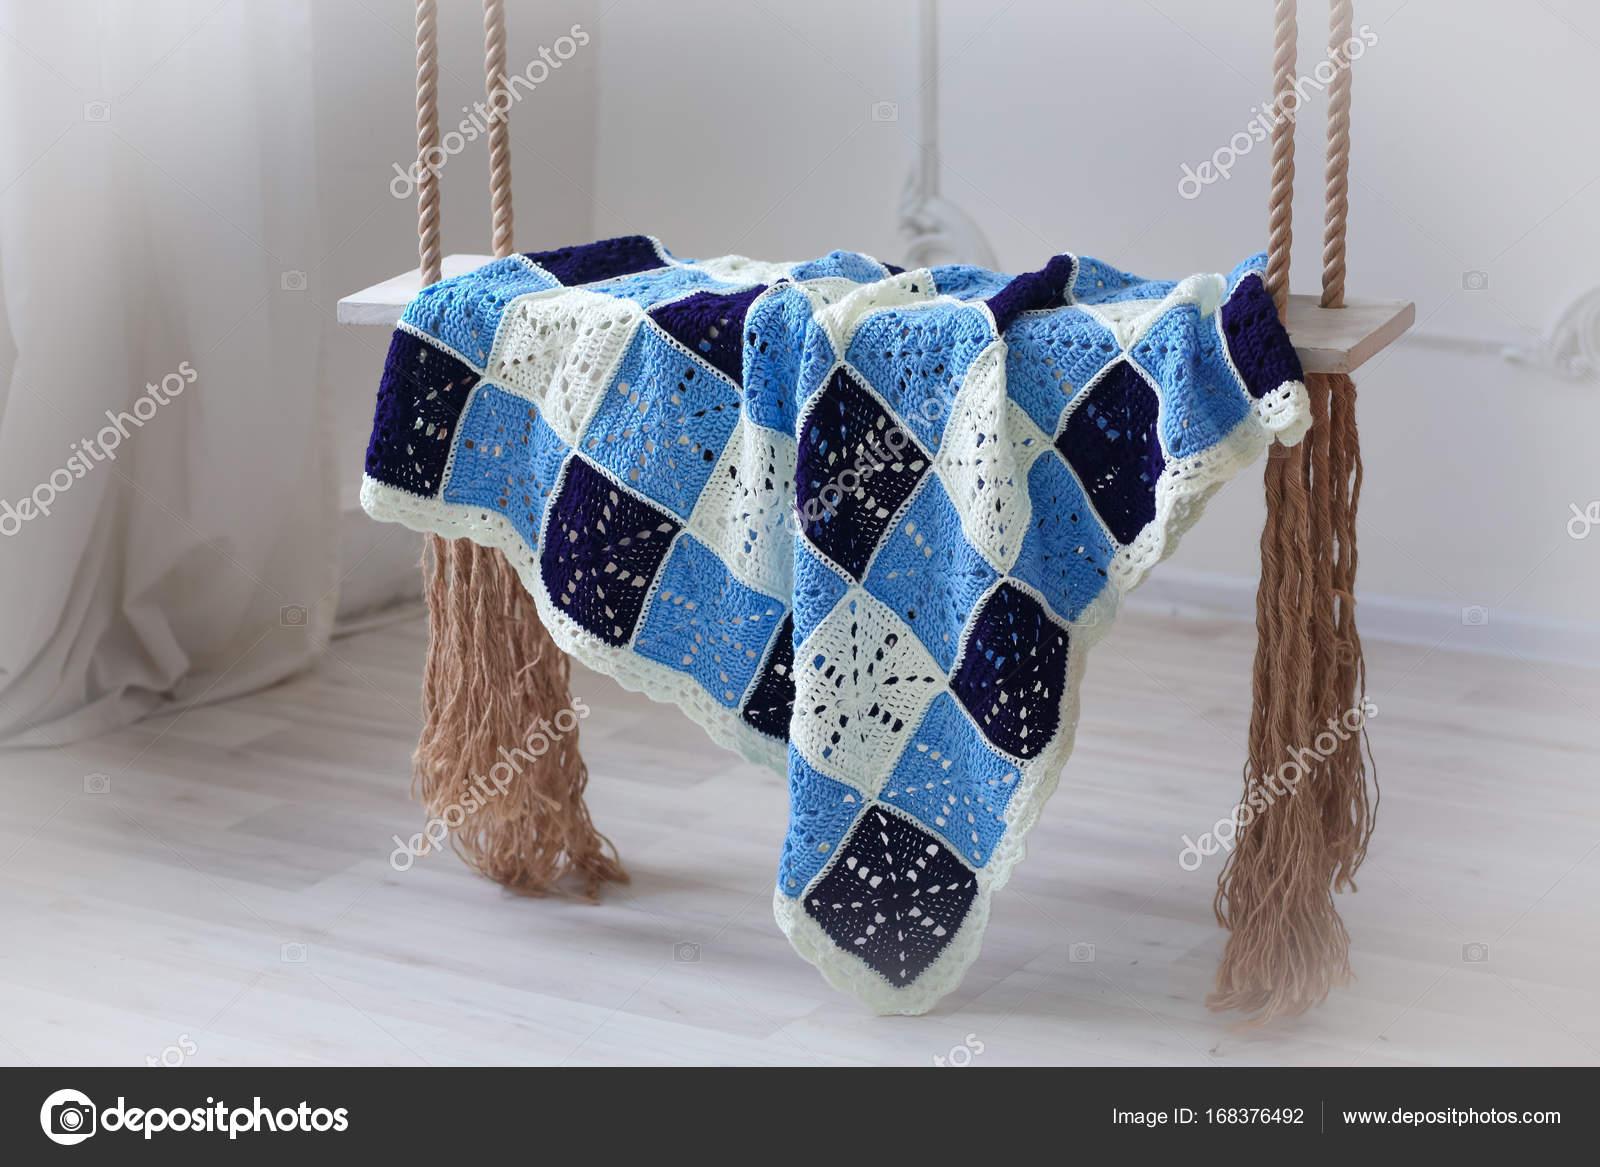 Häkeln Sie Stricken Baby Decke Auf Flügeln Stockfoto Moskovko